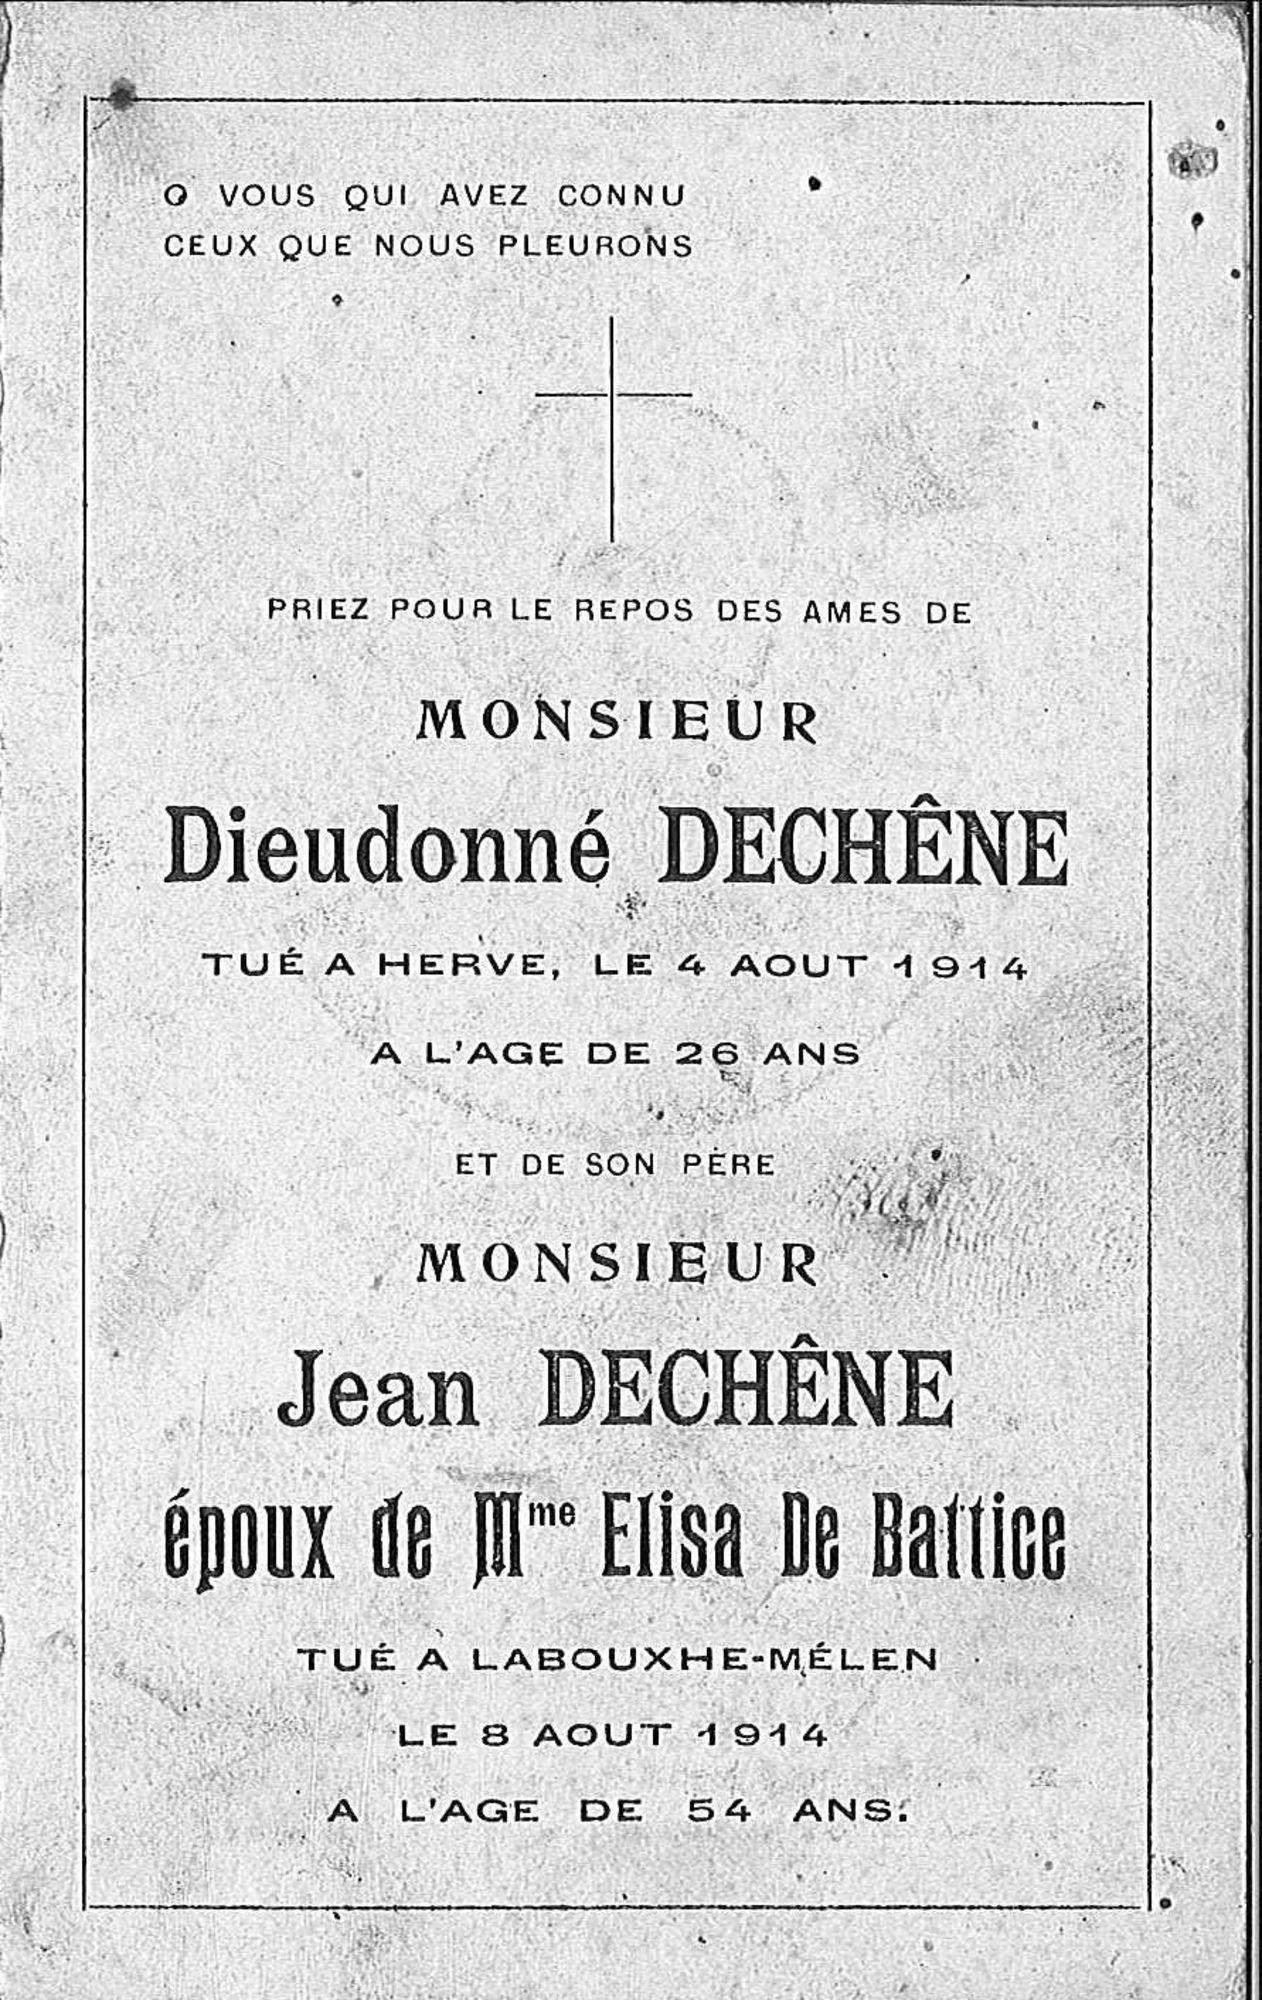 Dieudonné Dechêne